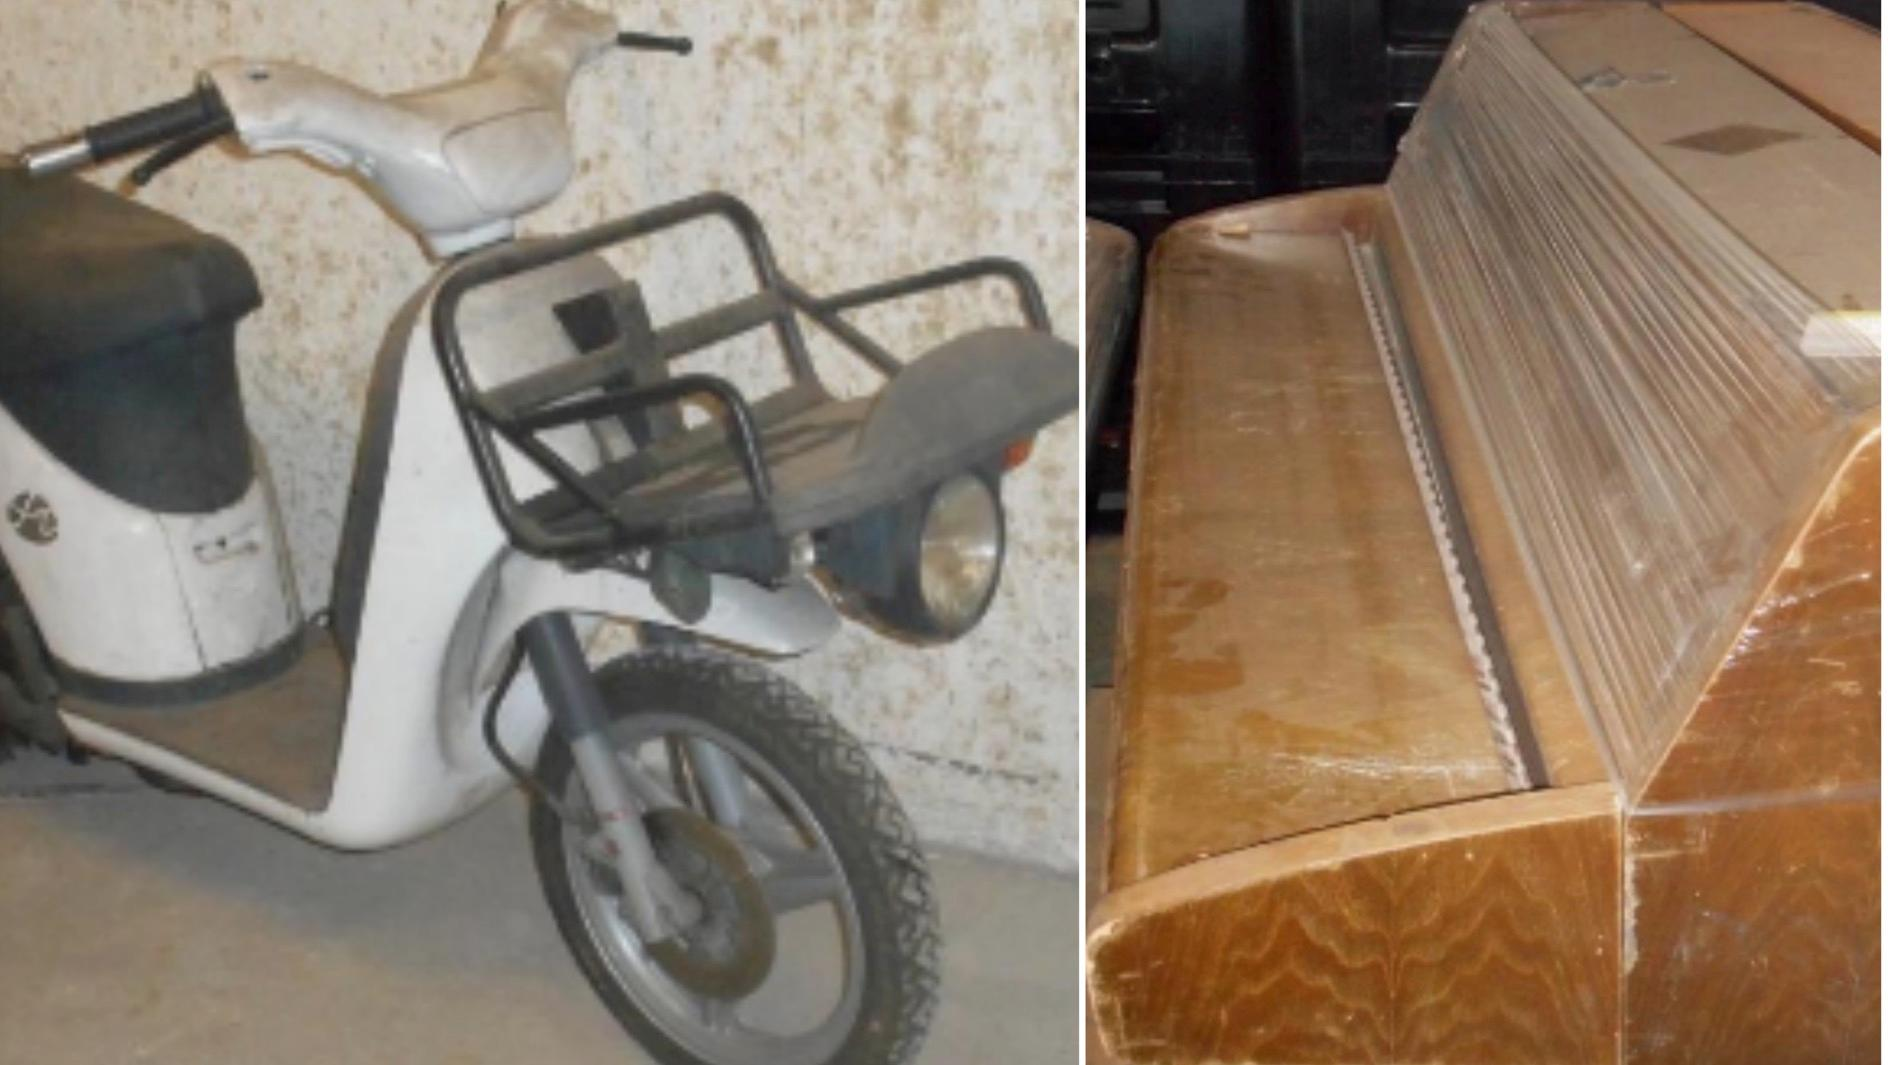 Cyclomoteurs, pianos, camionnettes,… La ville met en vente des biens déclassés